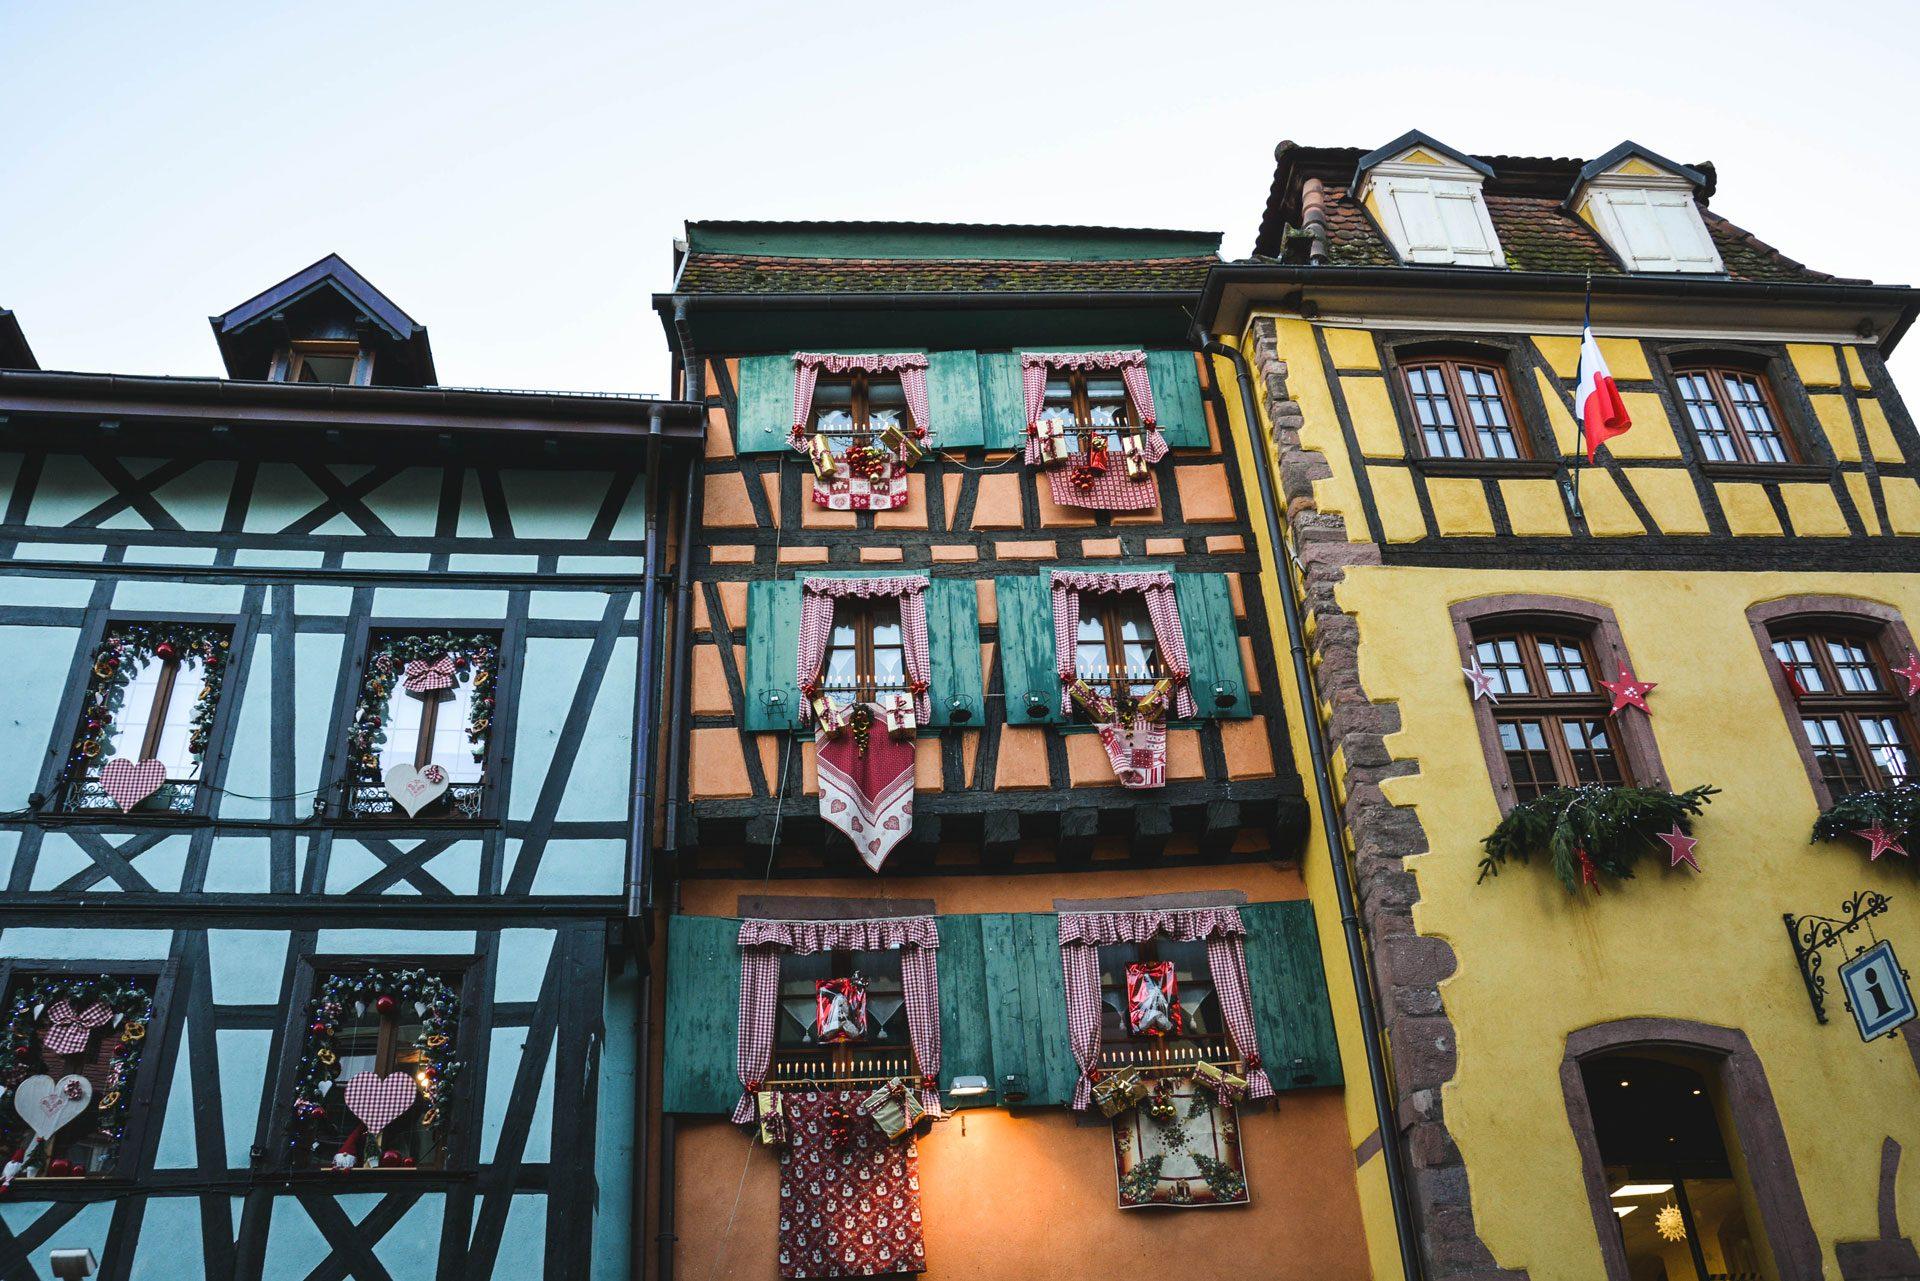 Image De Noel En Alsace.Les Plus Beaux Marches De Noel Sont En Alsace Ti Piment